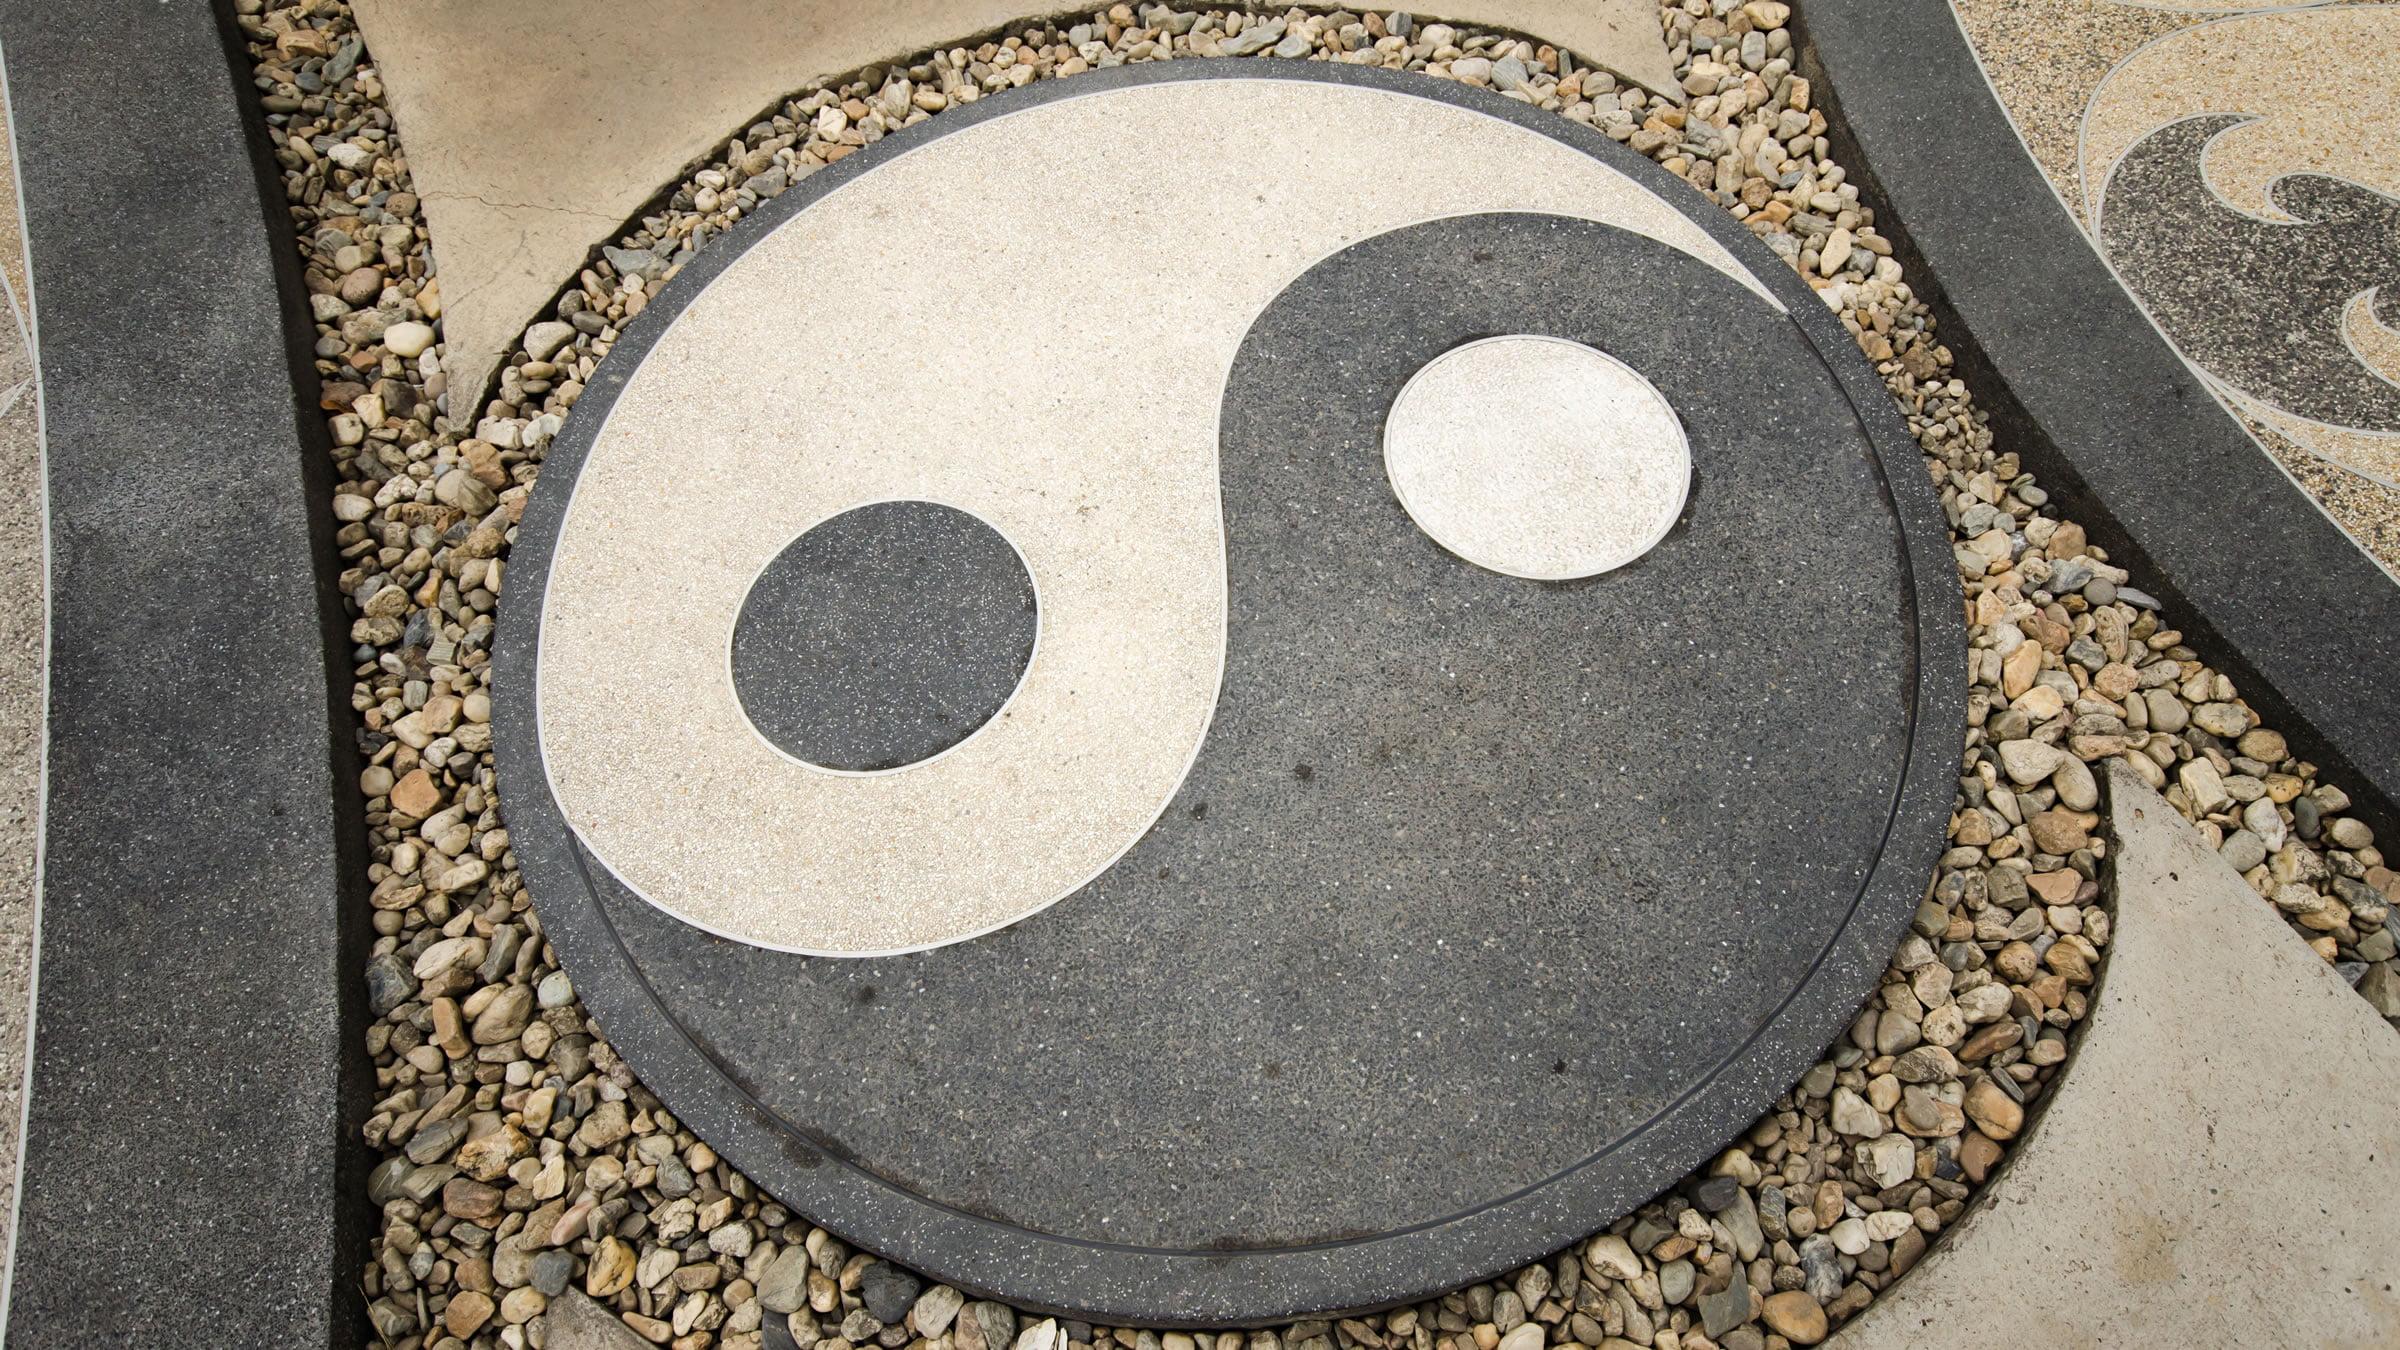 Importancia del ying y el yang en el taoísmo